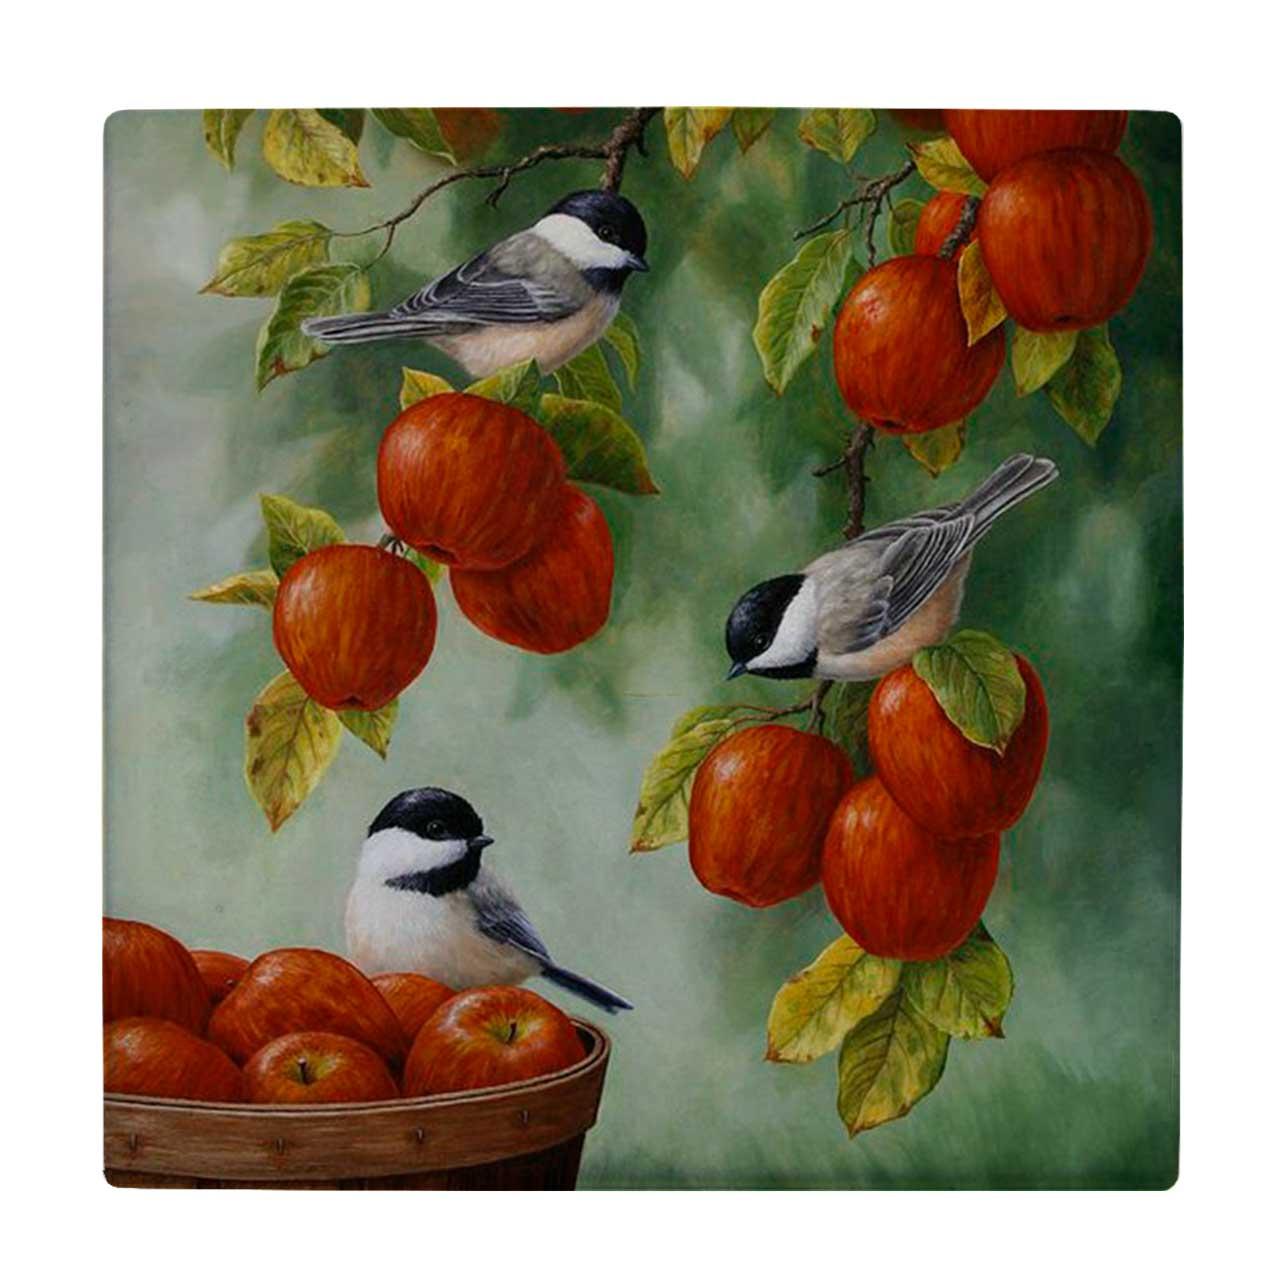 کاشی طرح پرندگان و شاخه سیب کد wk3190